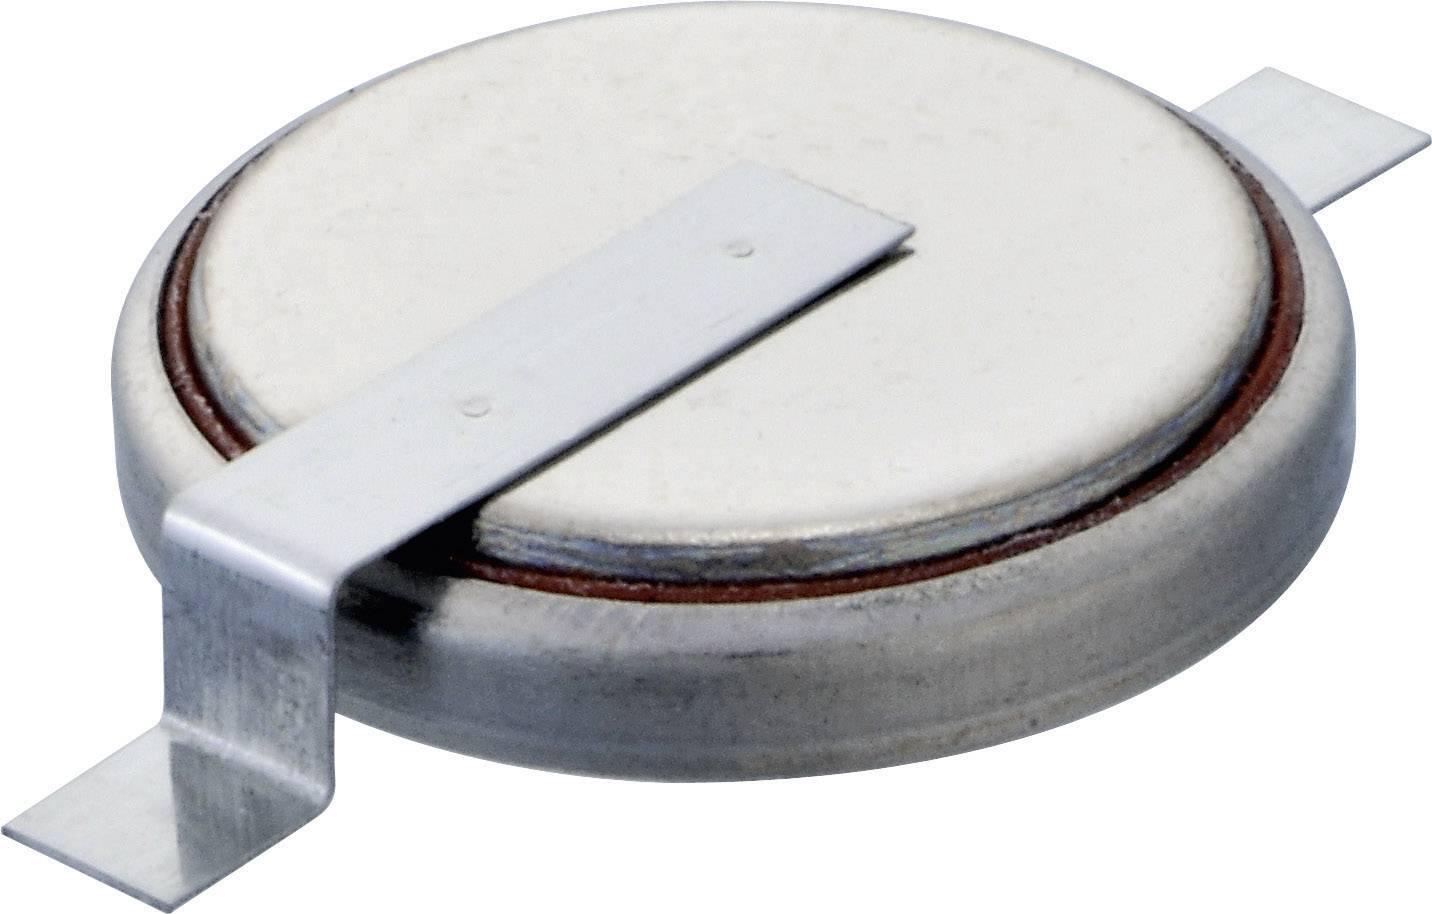 Gombíková batéria Renata CR1632 SM, so spájkovacími kontaktami